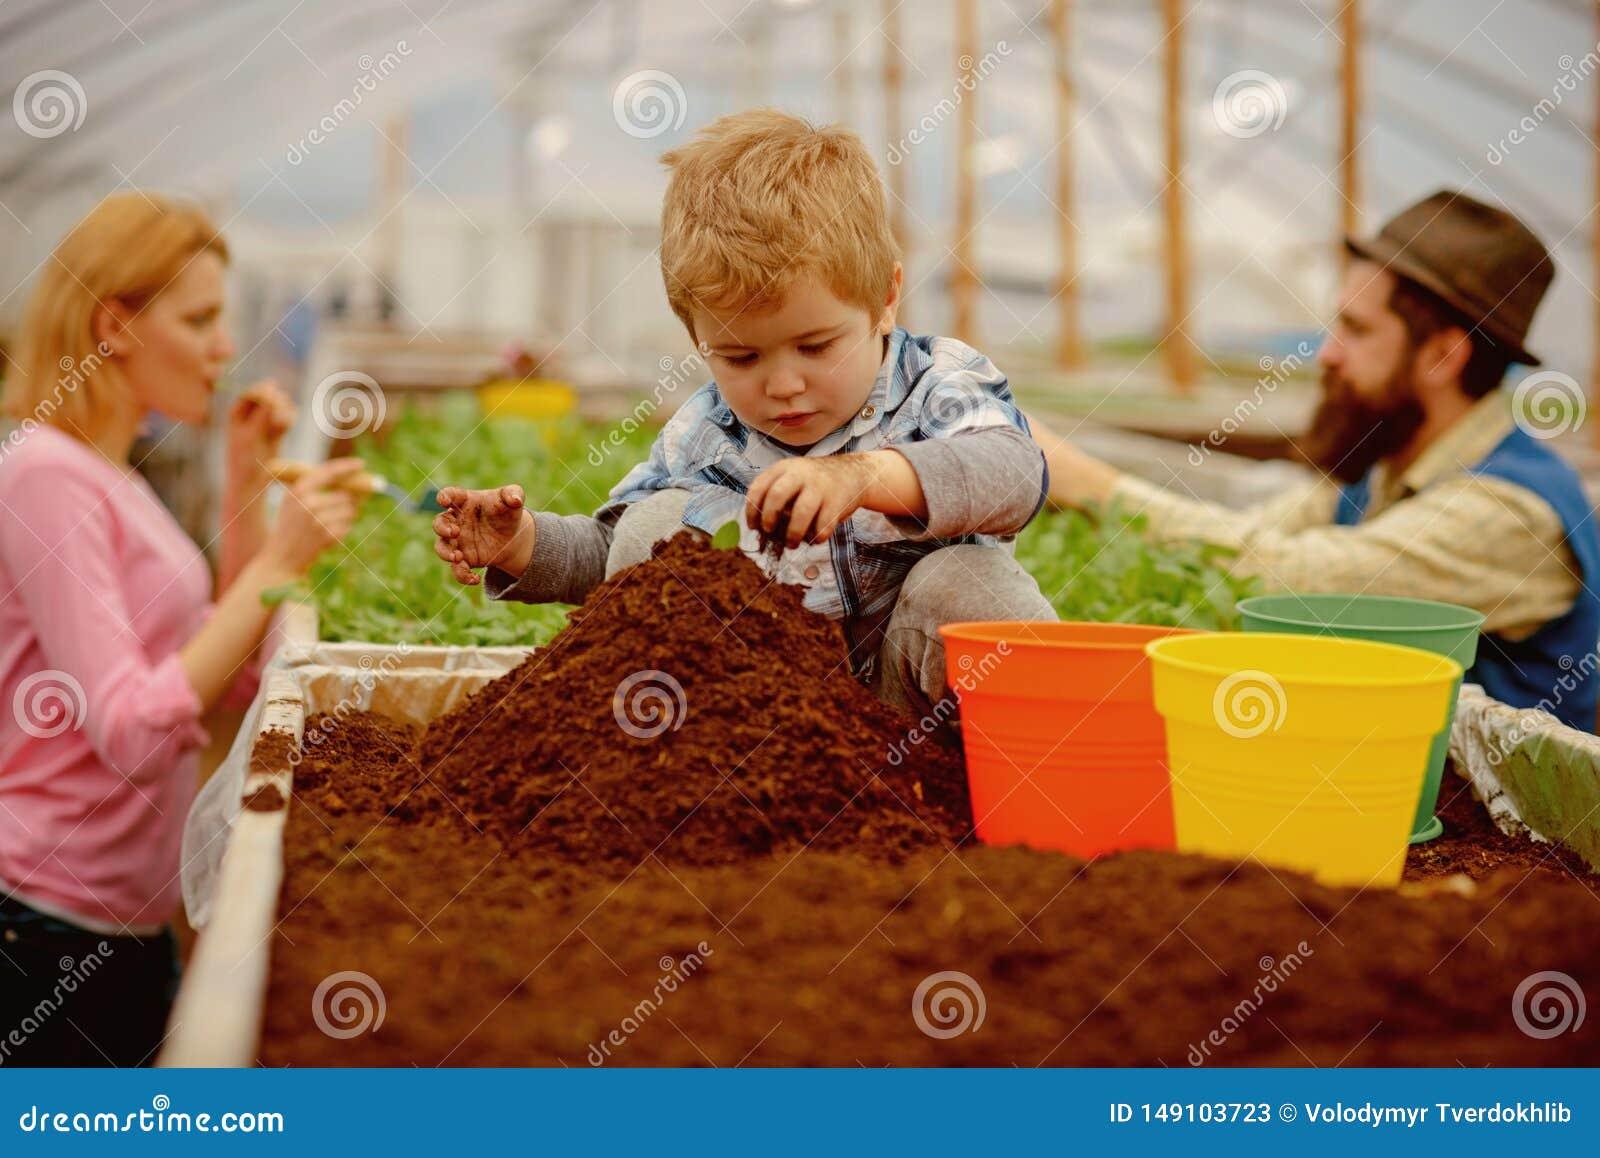 Ogrodnik troch? ma?a ogrodniczki praca z ziemi? ma?a ogrodniczka w szklarni mali ogrodniczki dziecka flancowania kwiaty